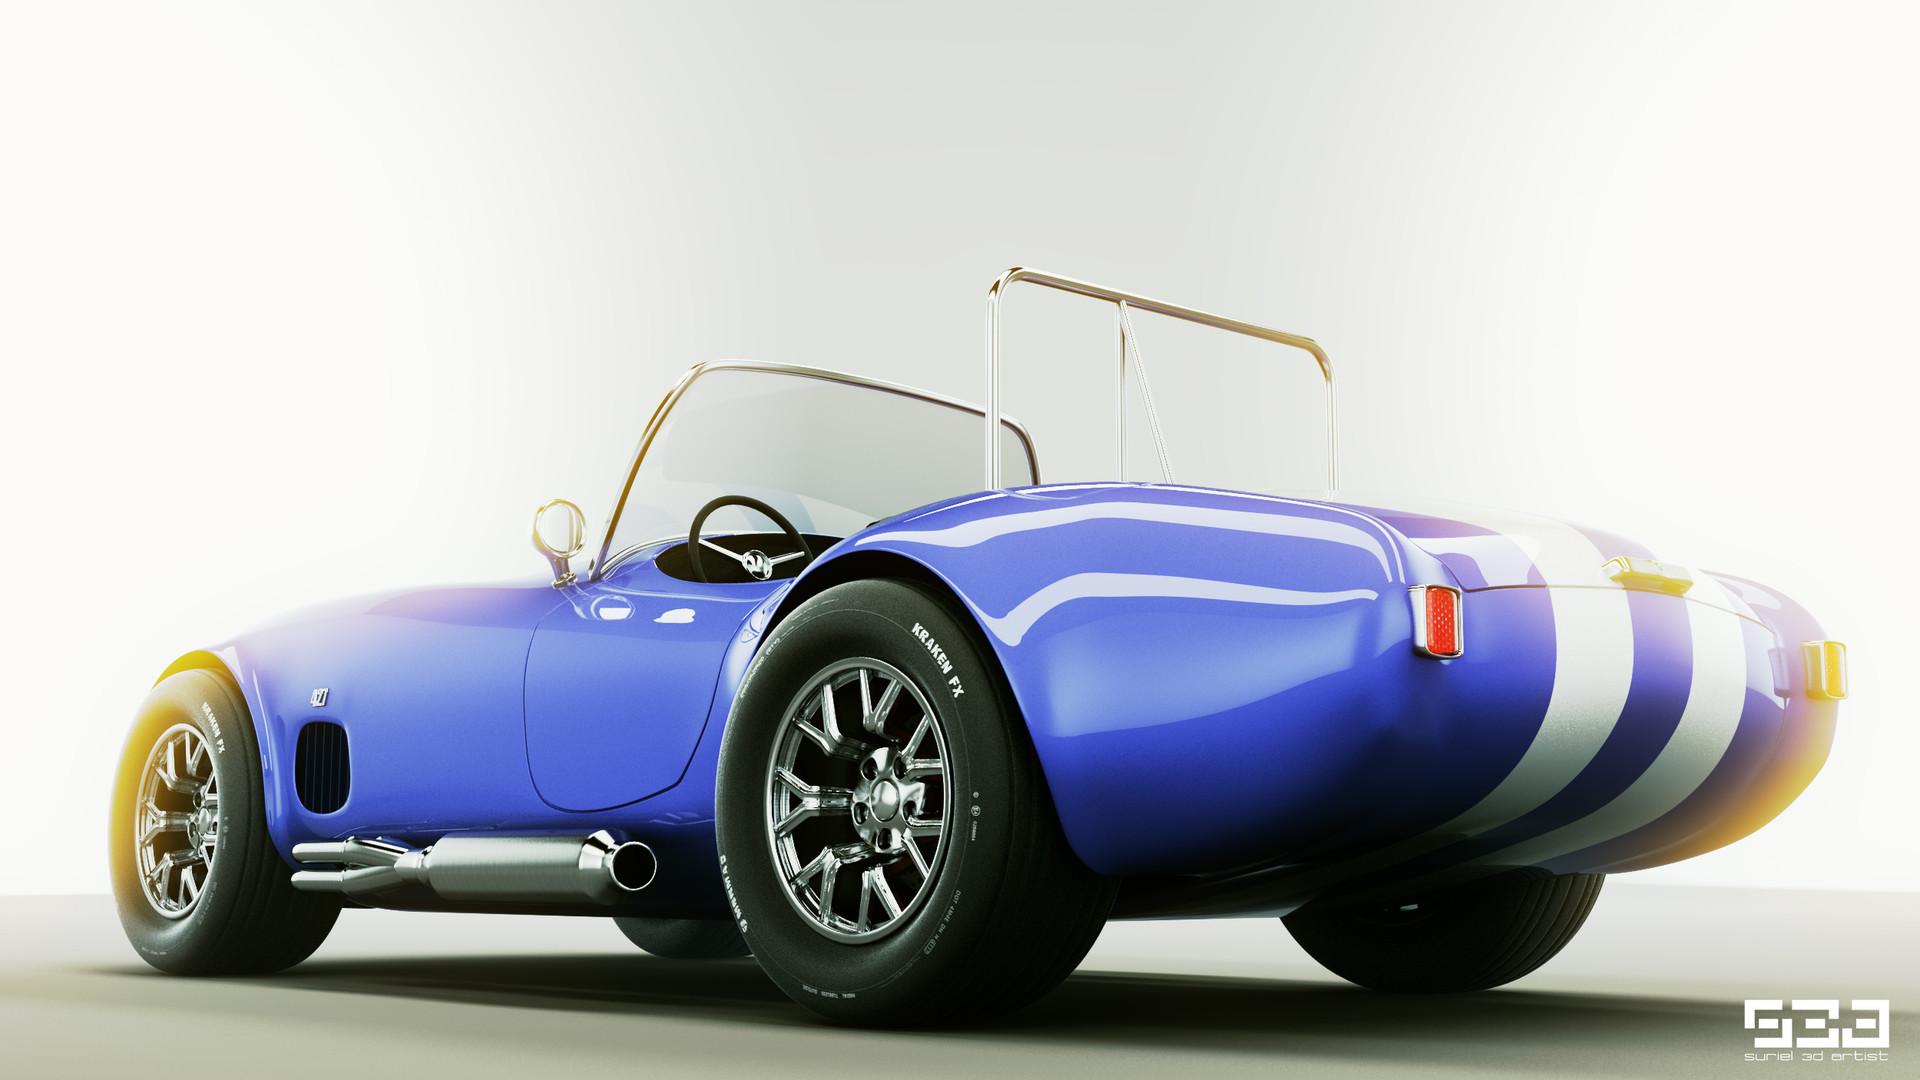 Hector Suriel Shelby Ac Cobra 427